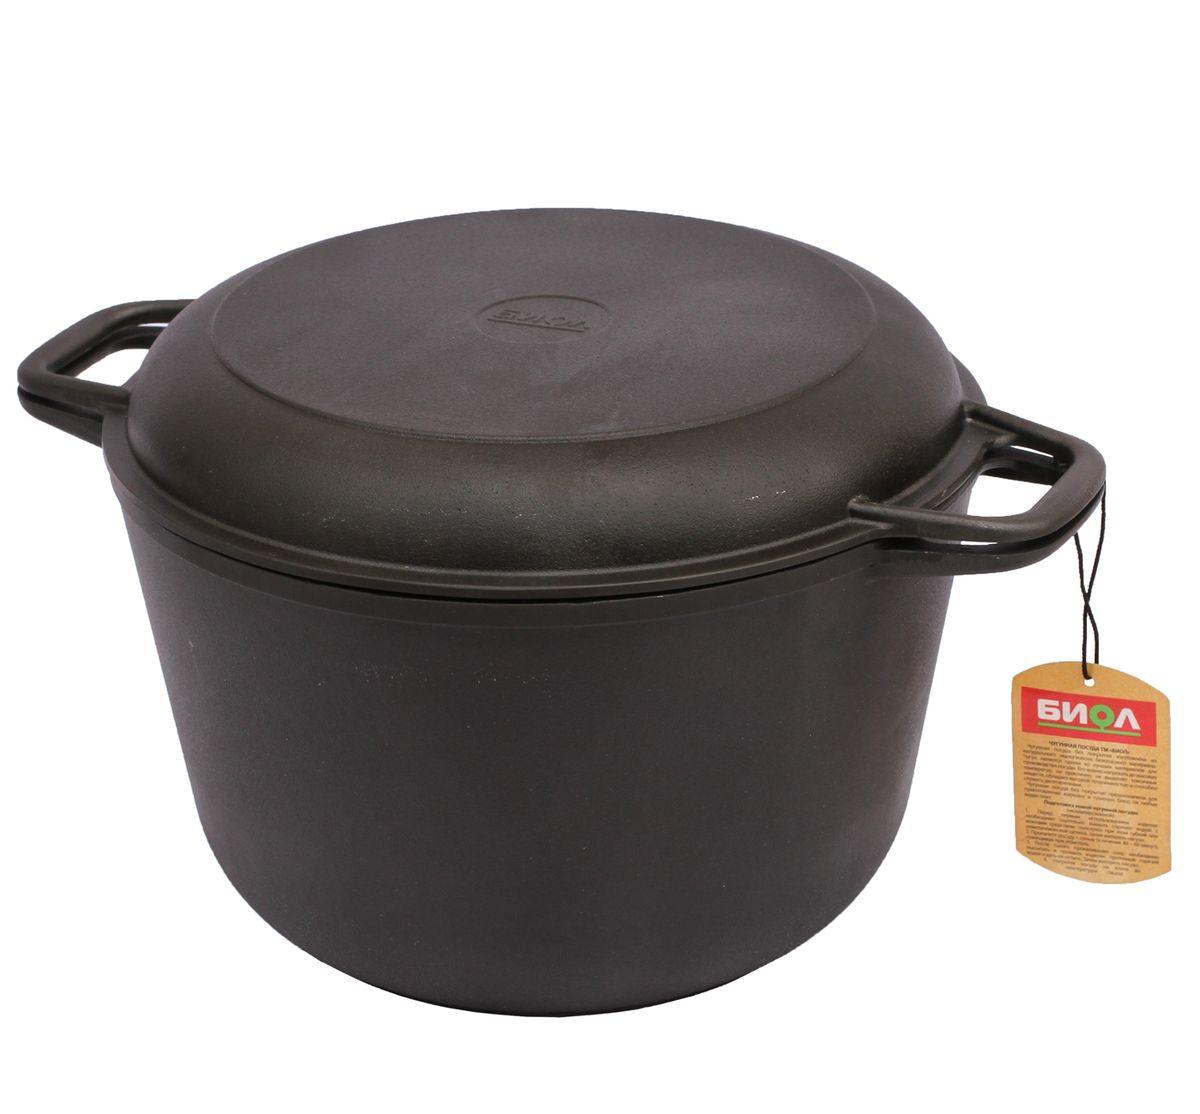 Кастрюля Биол, чугунная, с крышкой-сковородой, 3 л кастрюля с крышкой сковородой биол 4 л 0204